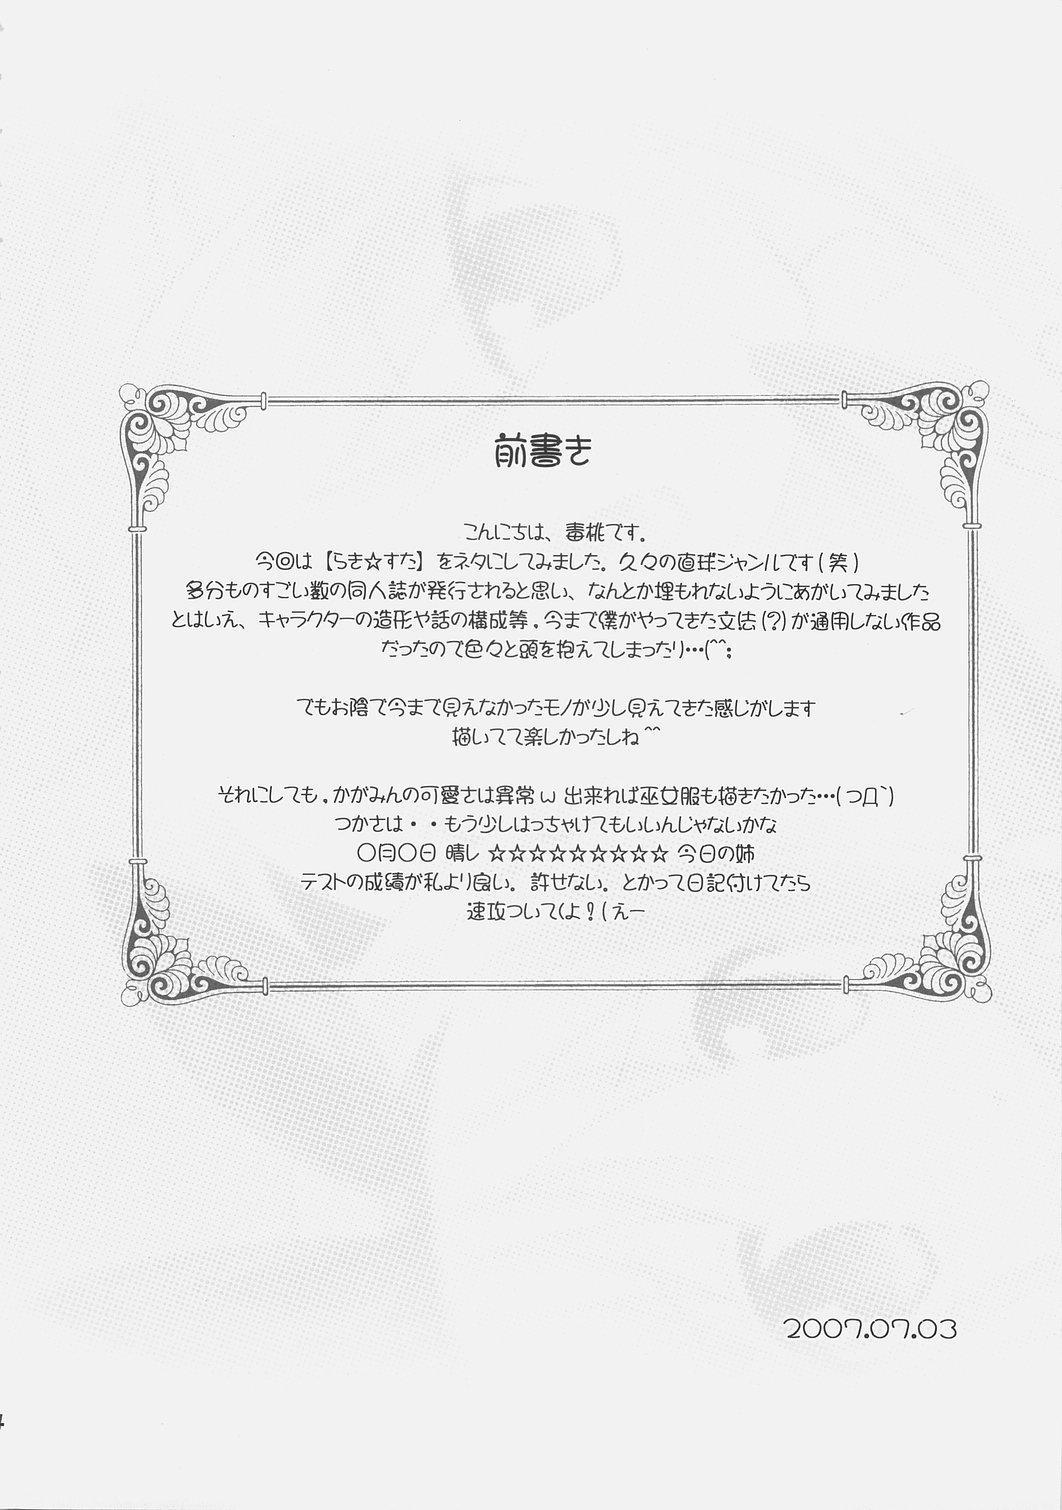 Wai☆Star 2